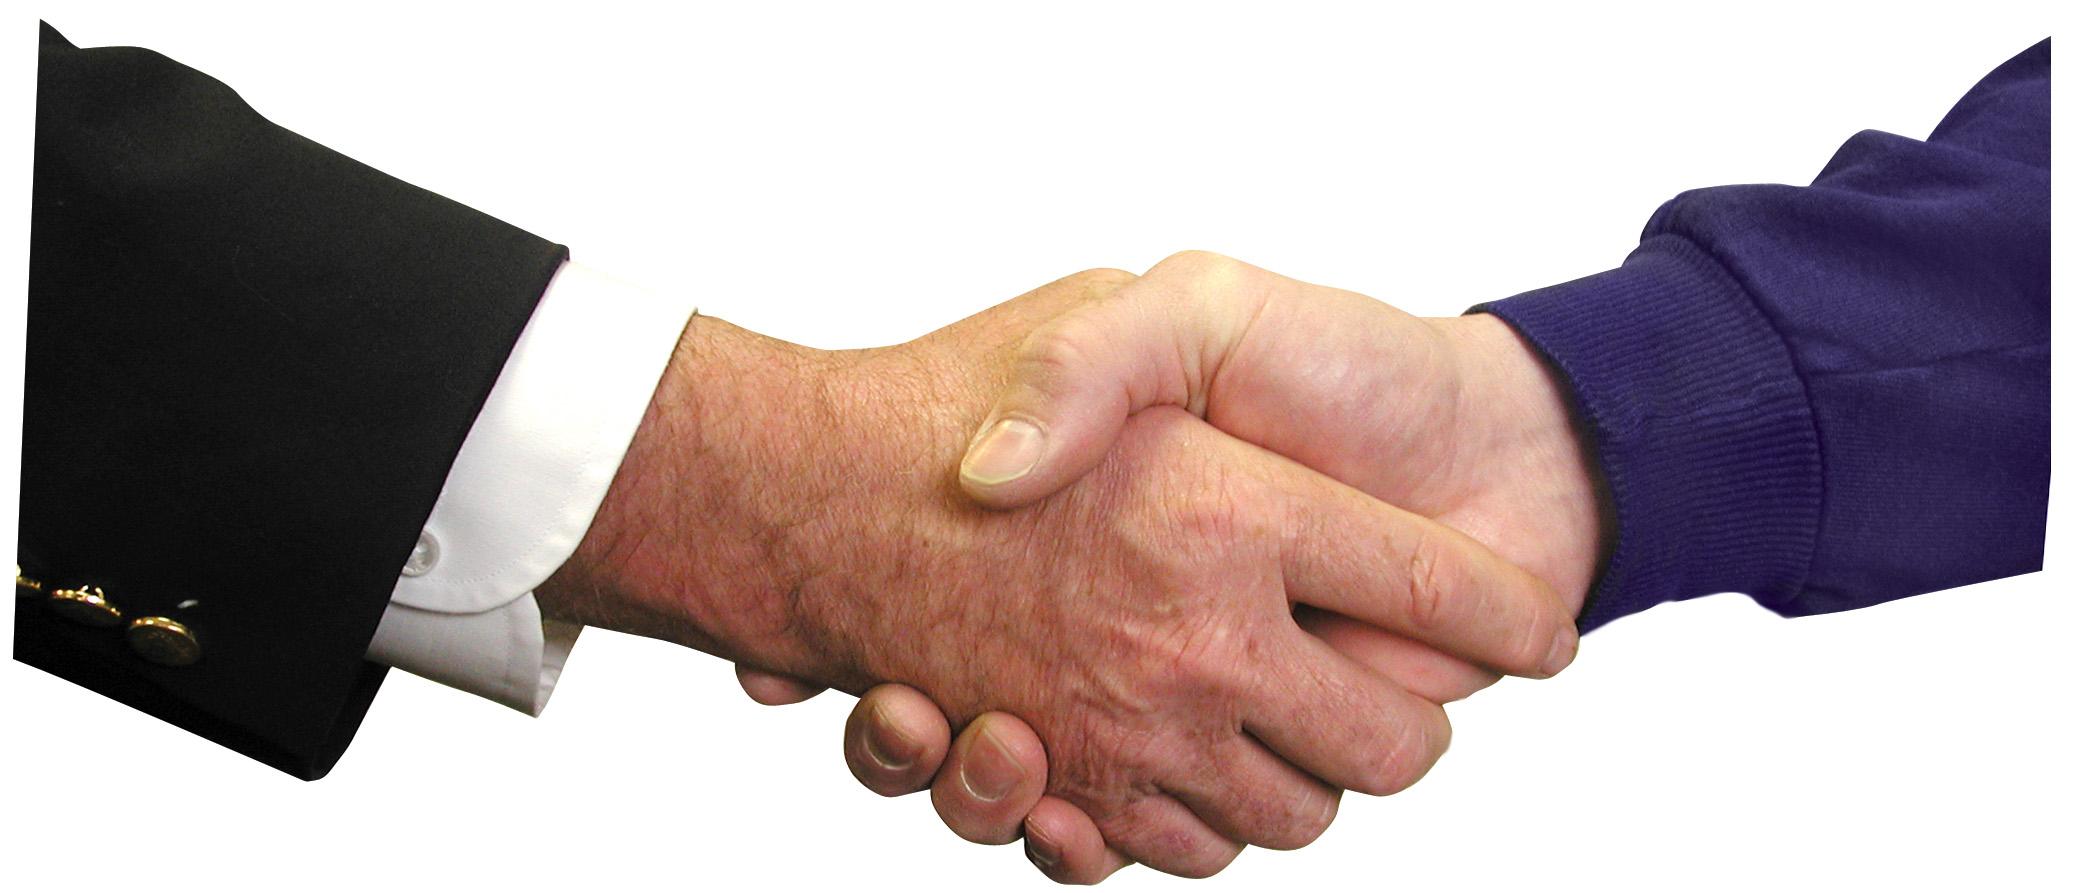 הסכם ממון , עורך דין לענייני משפחה